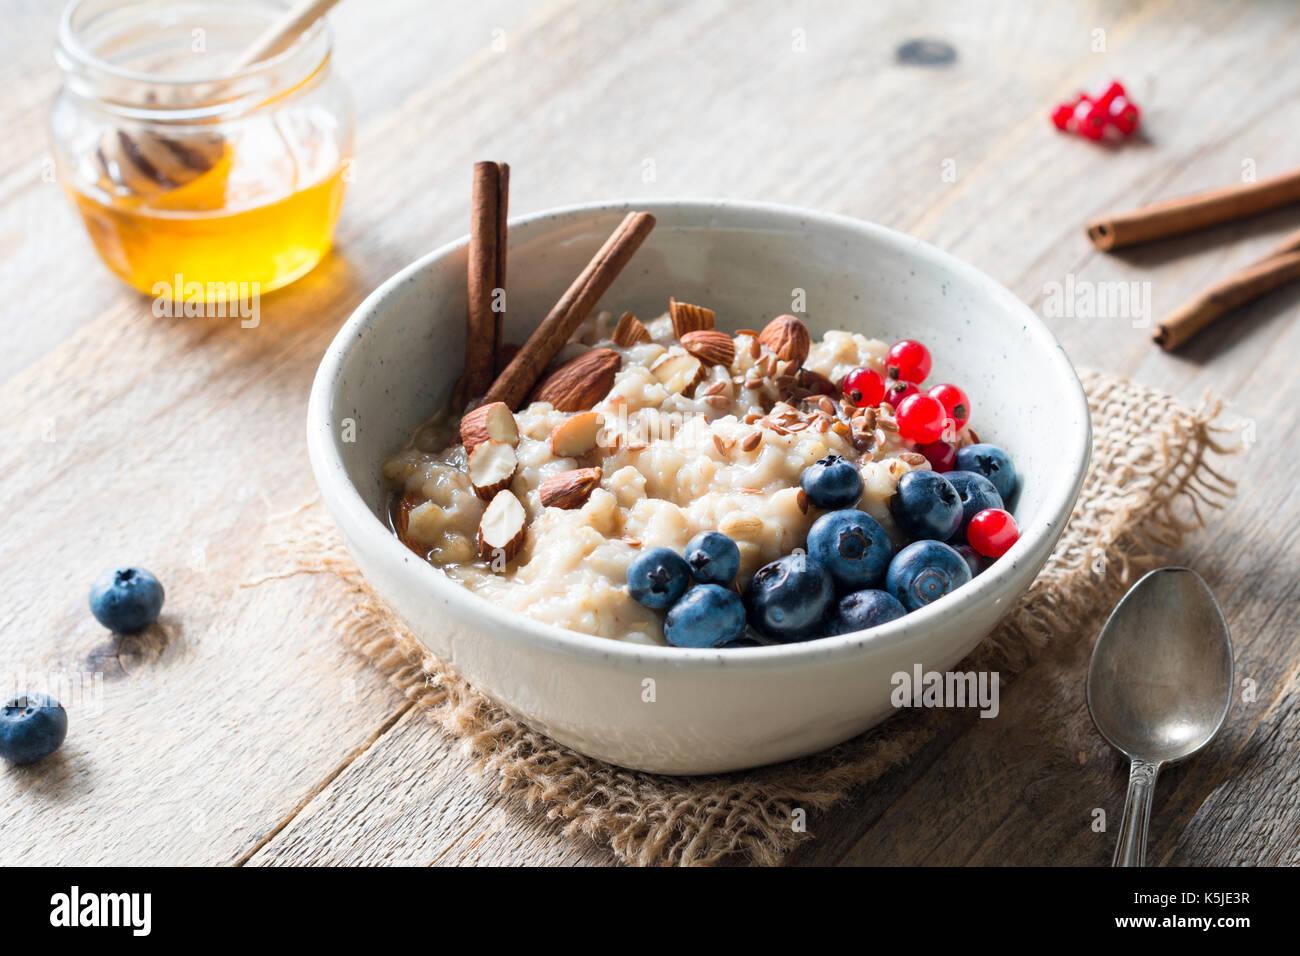 Haferflocken Haferflocken mit Heidelbeeren, Mandeln, Zimt, Honig, Leinsamen und rote Johannisbeeren in der Schüssel. Super Food für gesunde, nahrhafte Frühstück Stockbild